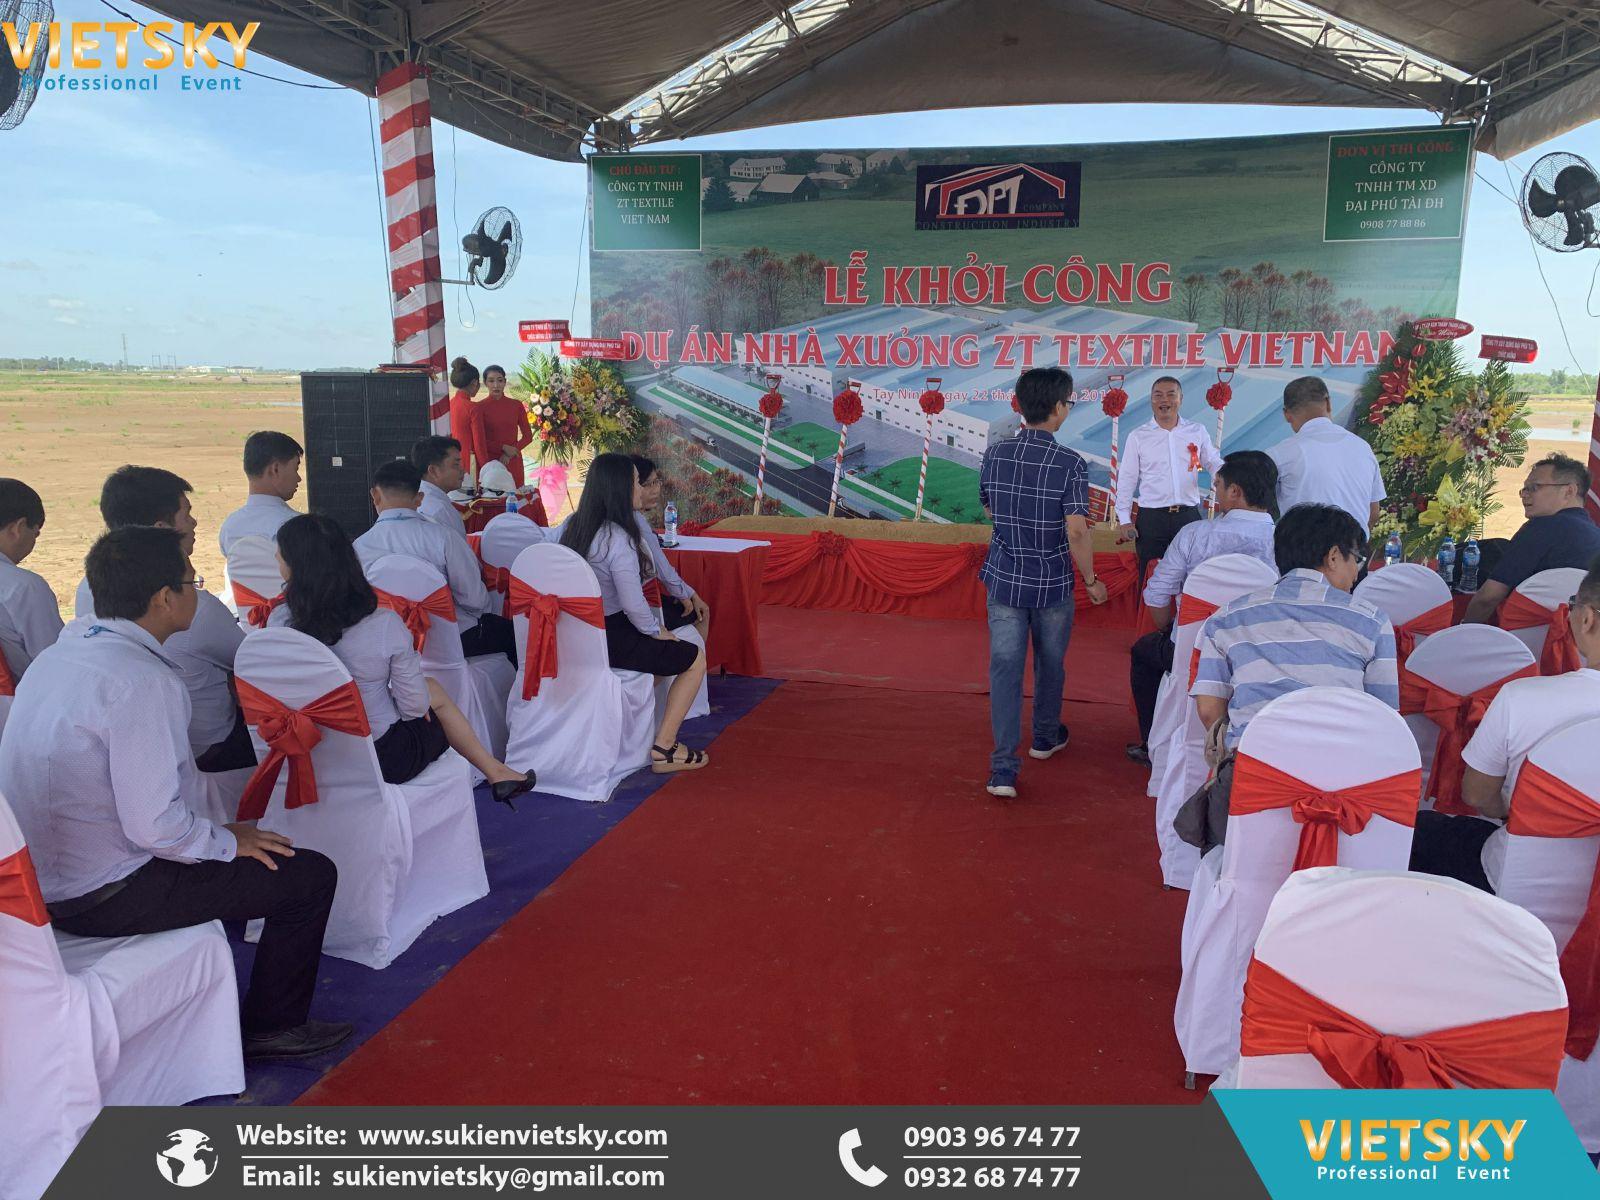 tổ chức lễ khởi công chuyên nghiệp tại bình phước